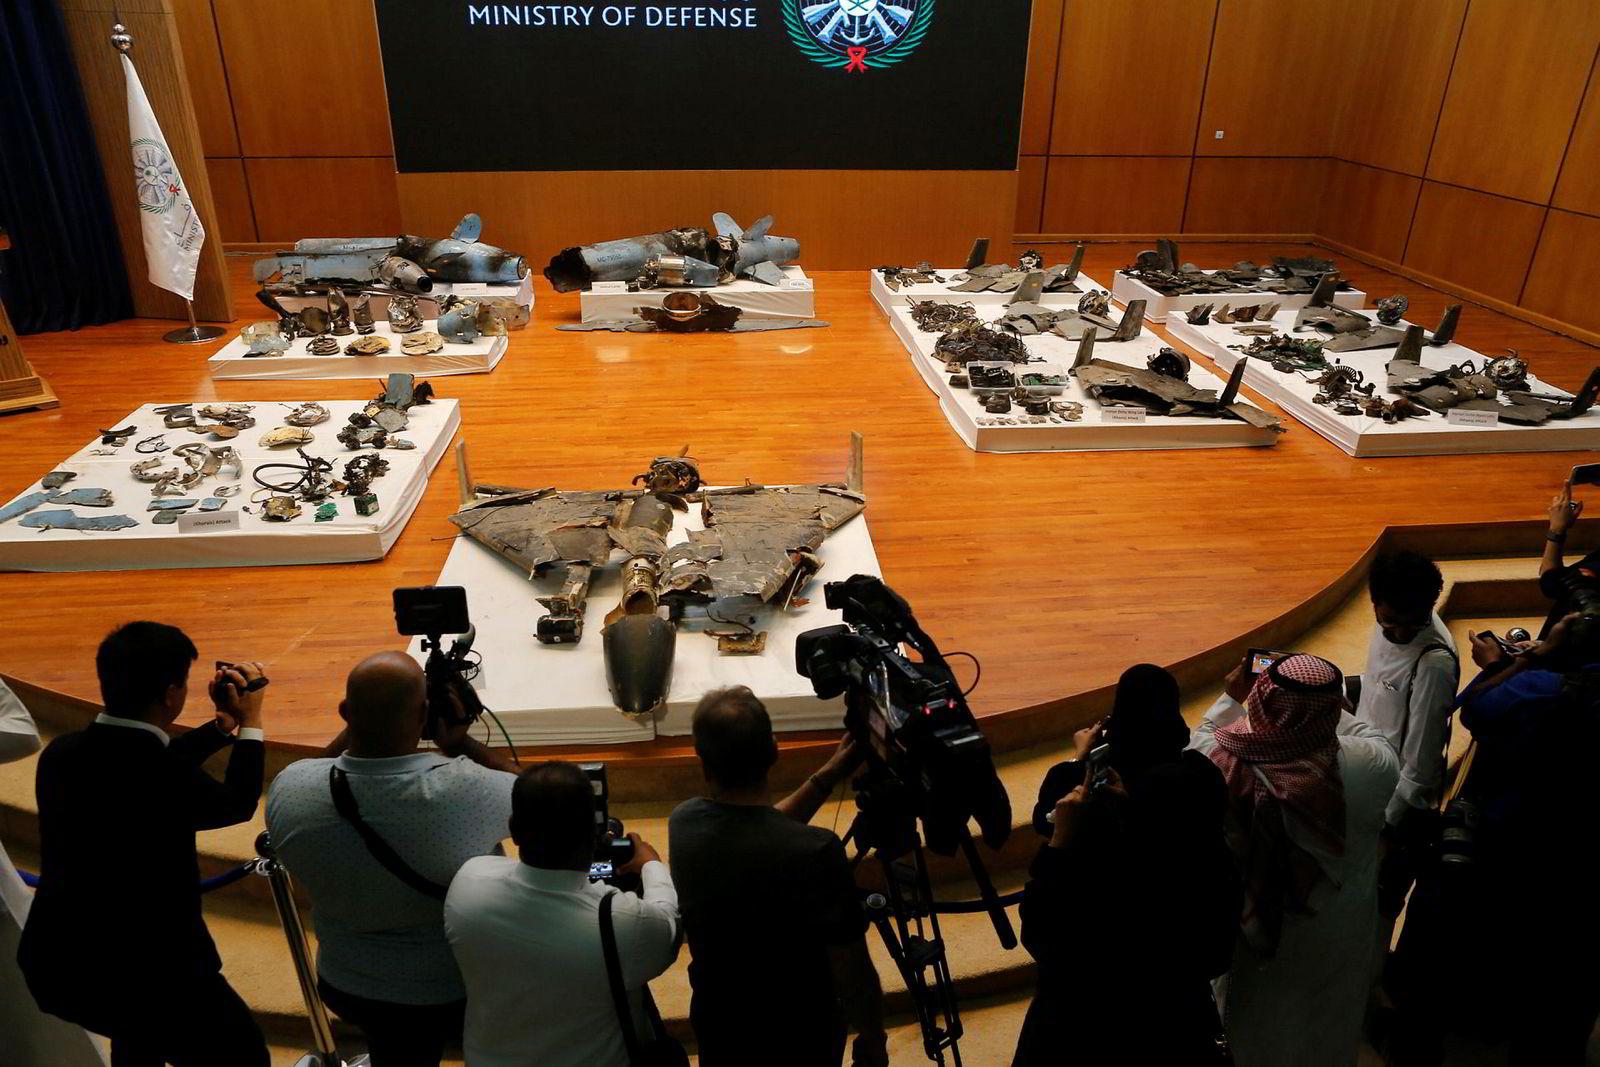 På pressekonferanse i hovedstaden Riyadh onsdag, ble restene av droner og missiler fremlagt som bevis på at Iran stod bak lørdagens angrep.